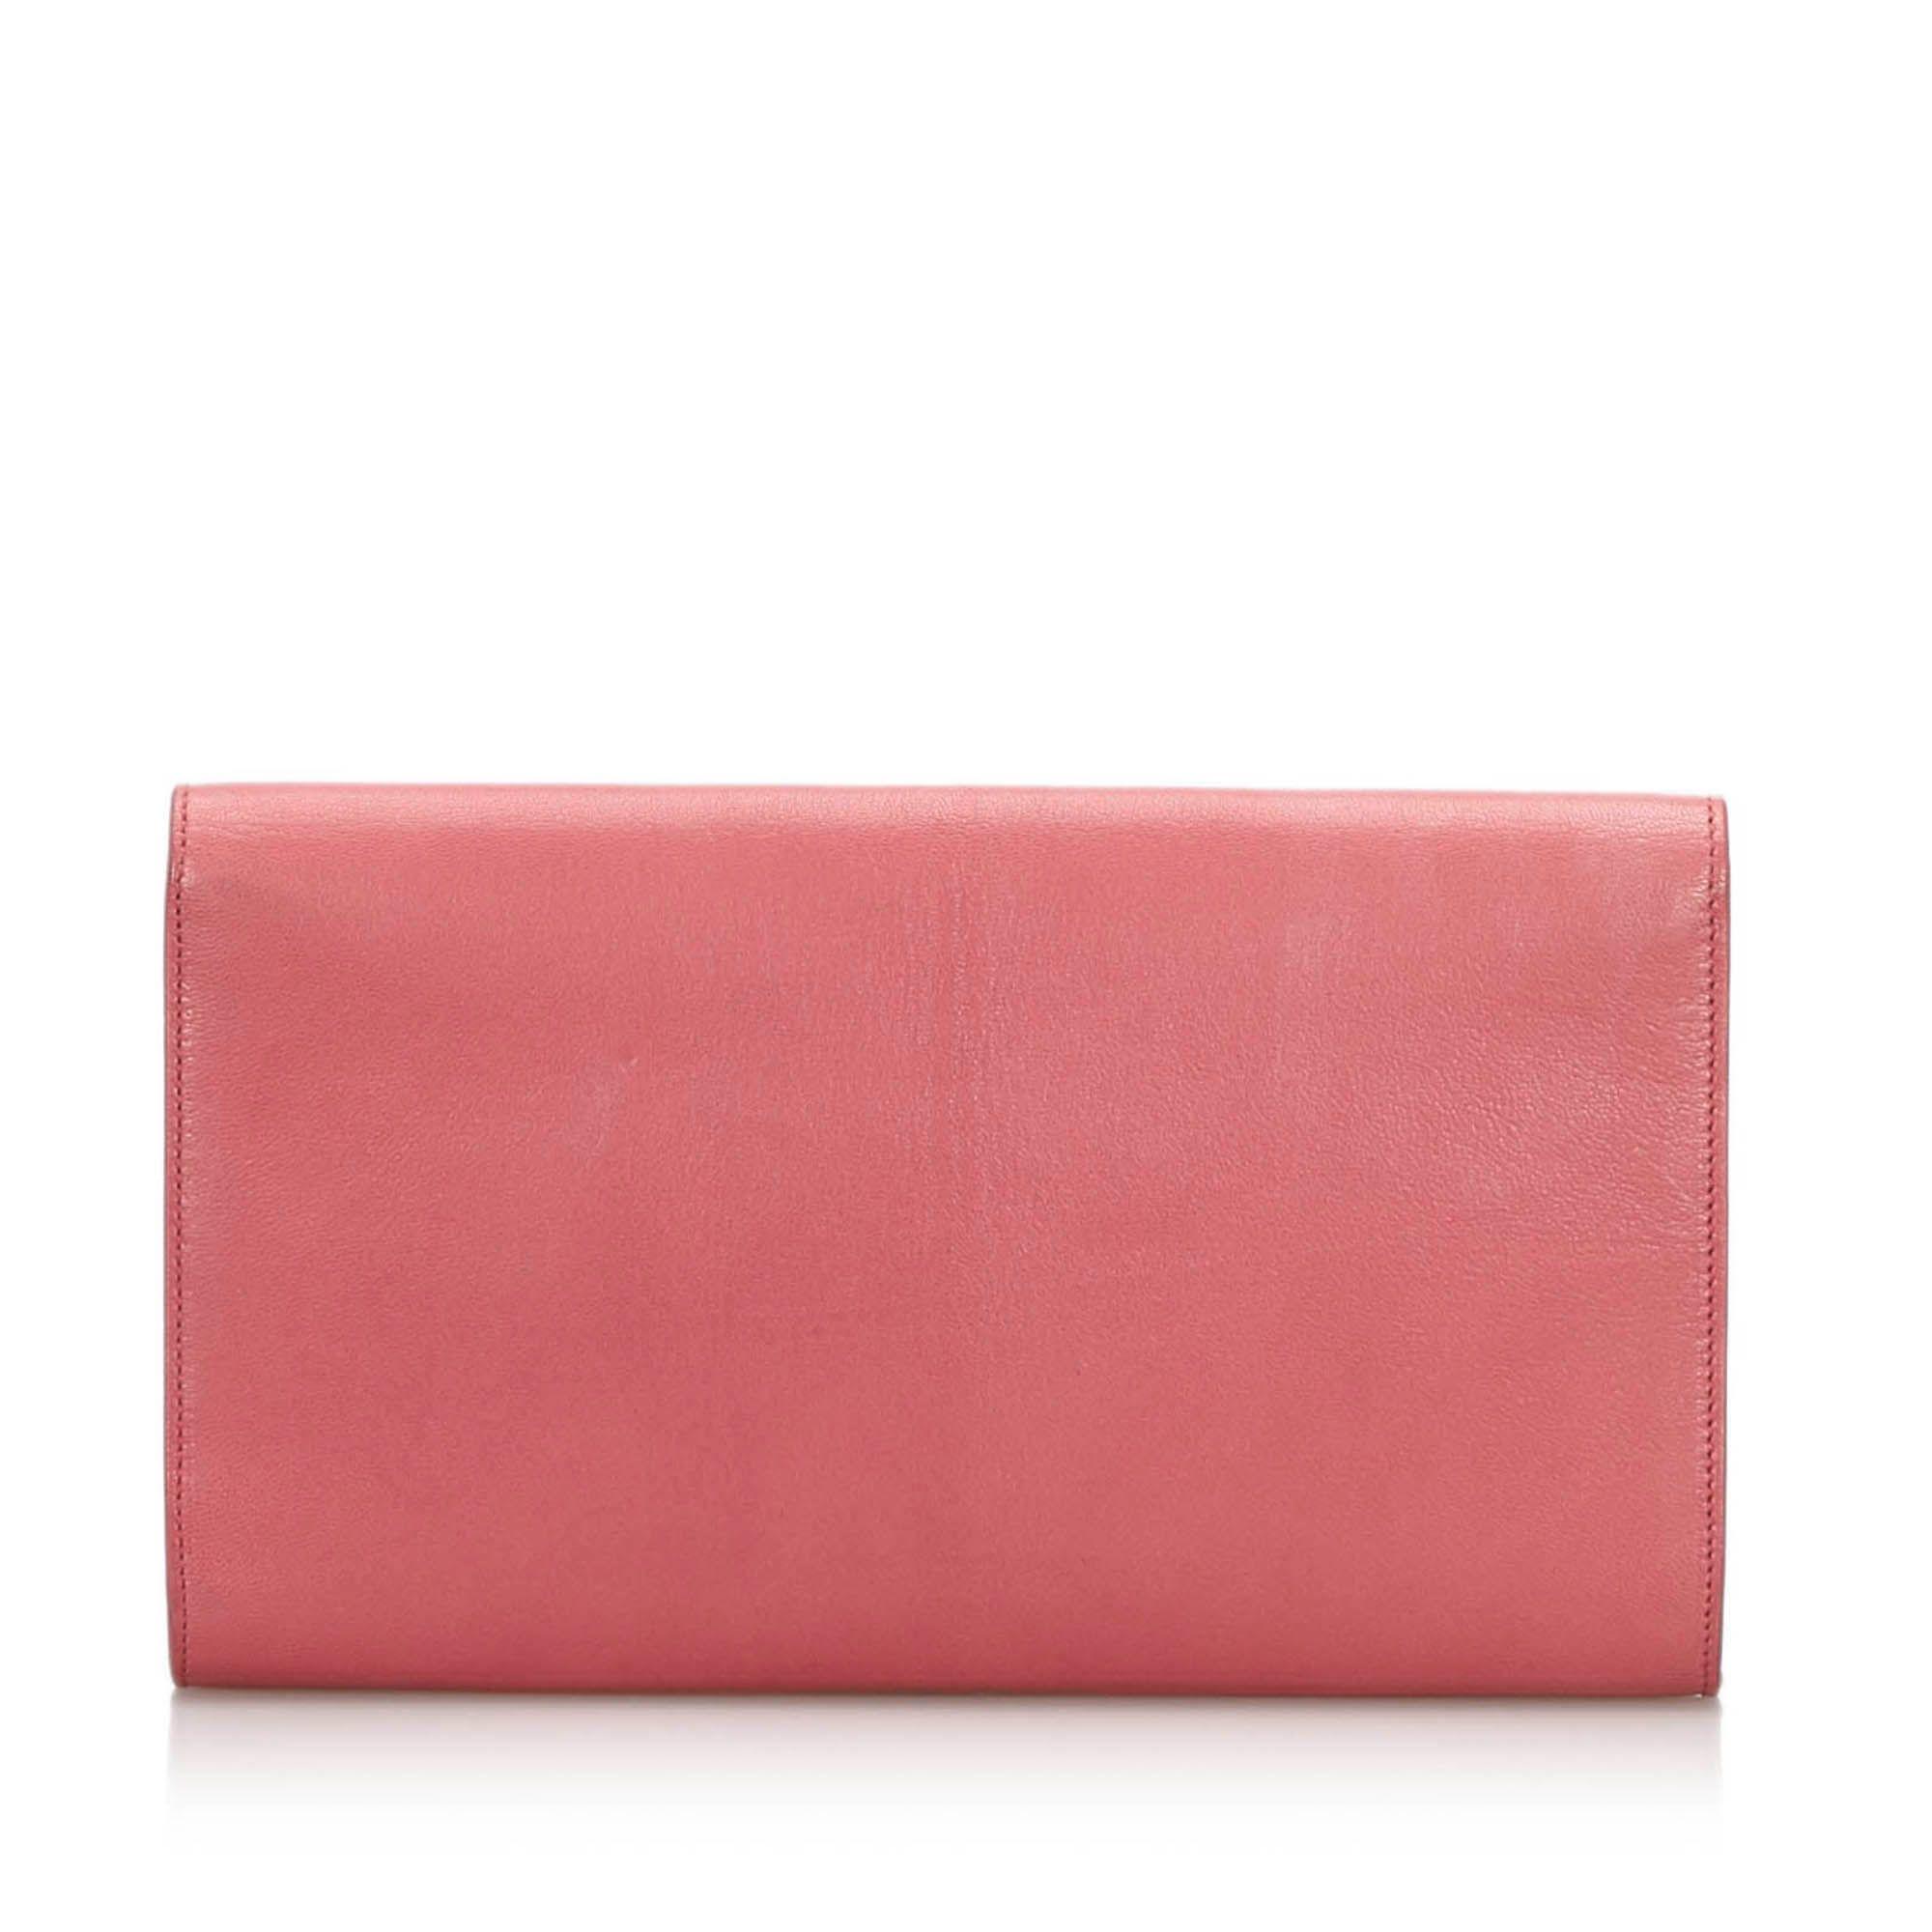 Vintage YSL Leather Belle du Jour Clutch Bag Pink